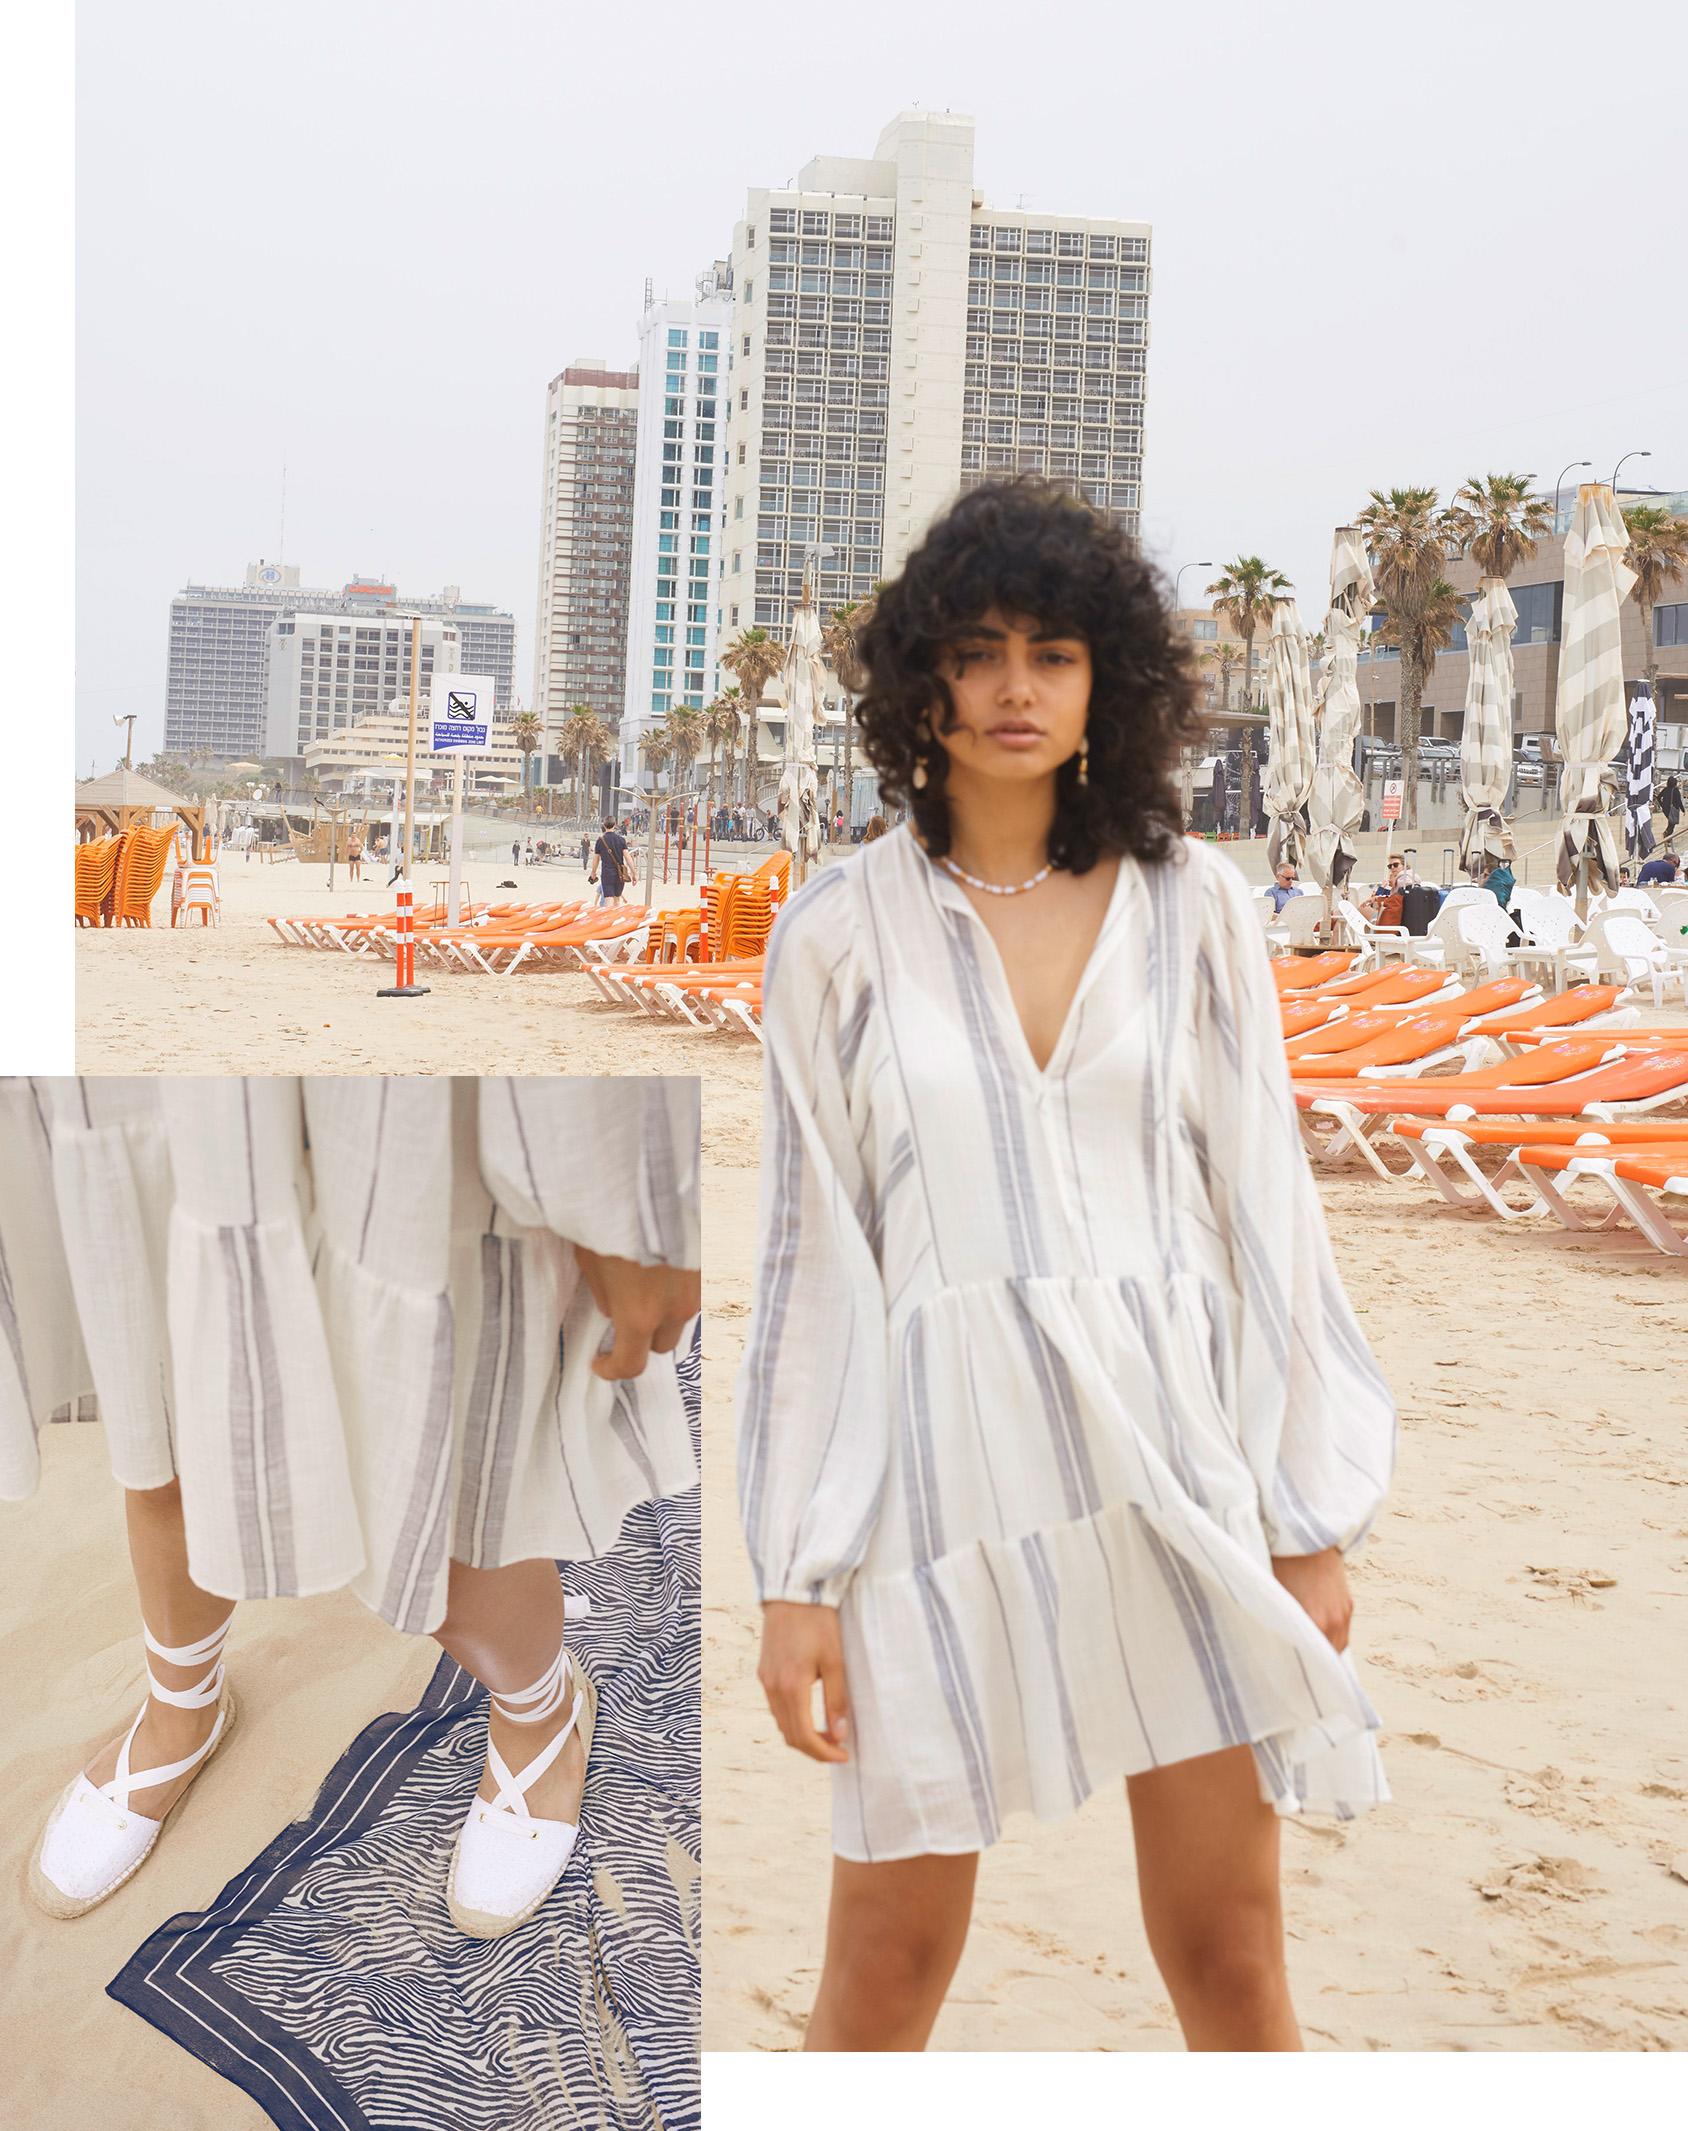 H&M espadrilles and H&M sarong